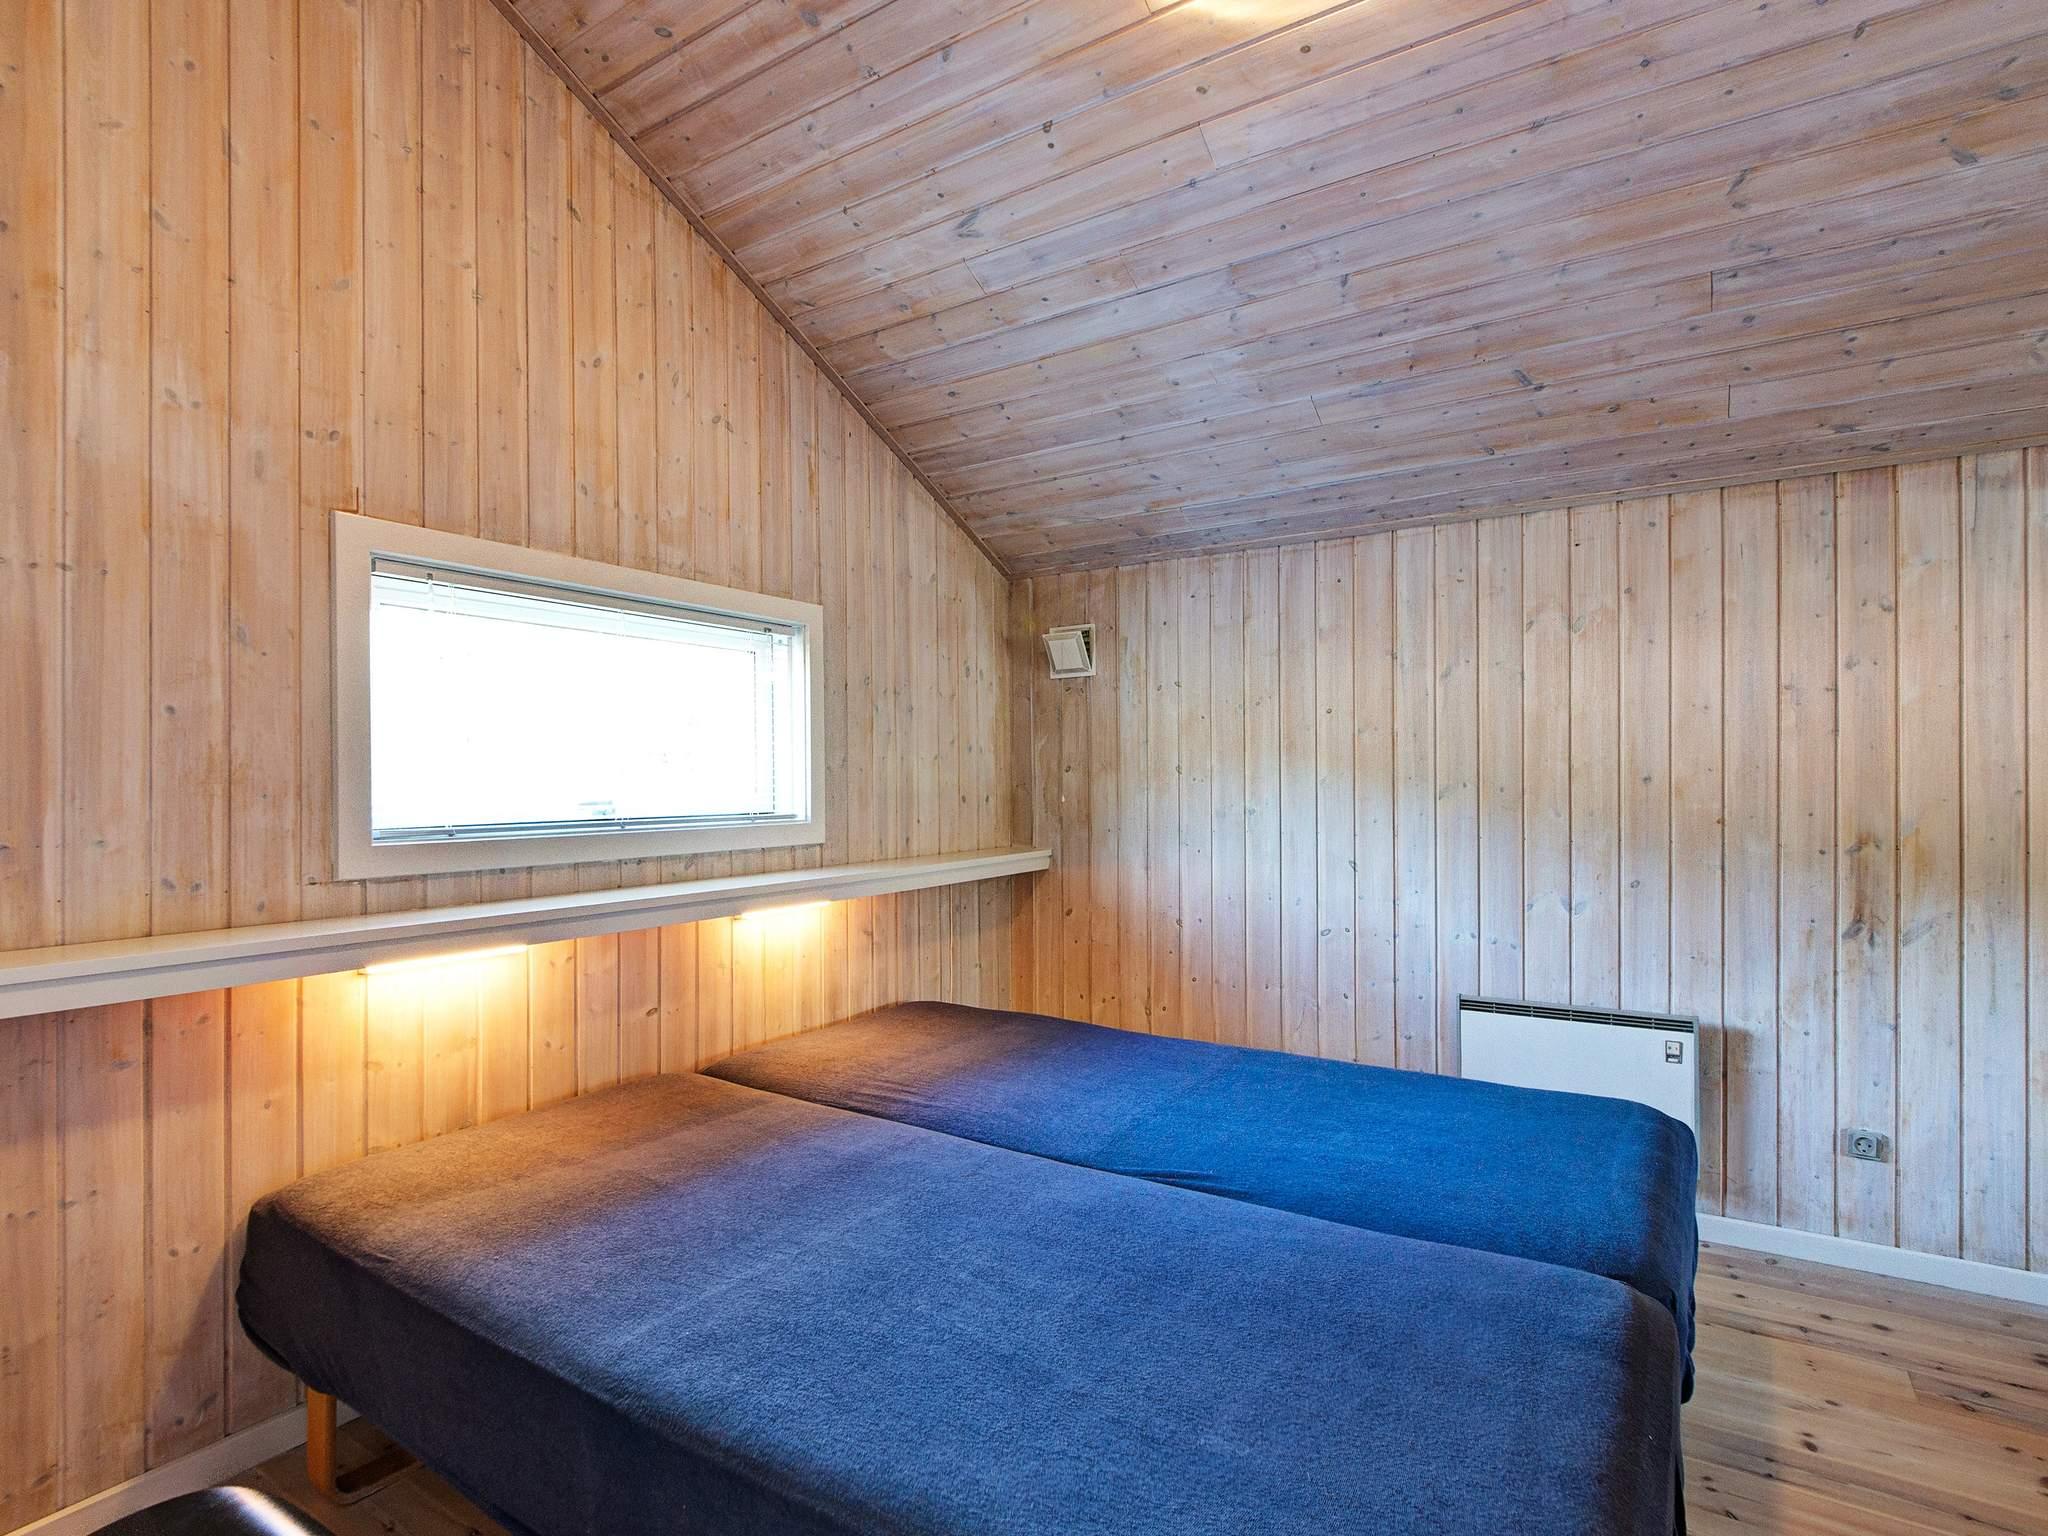 Ferienhaus Snogebæk (82567), Snogebæk, , Bornholm, Dänemark, Bild 8